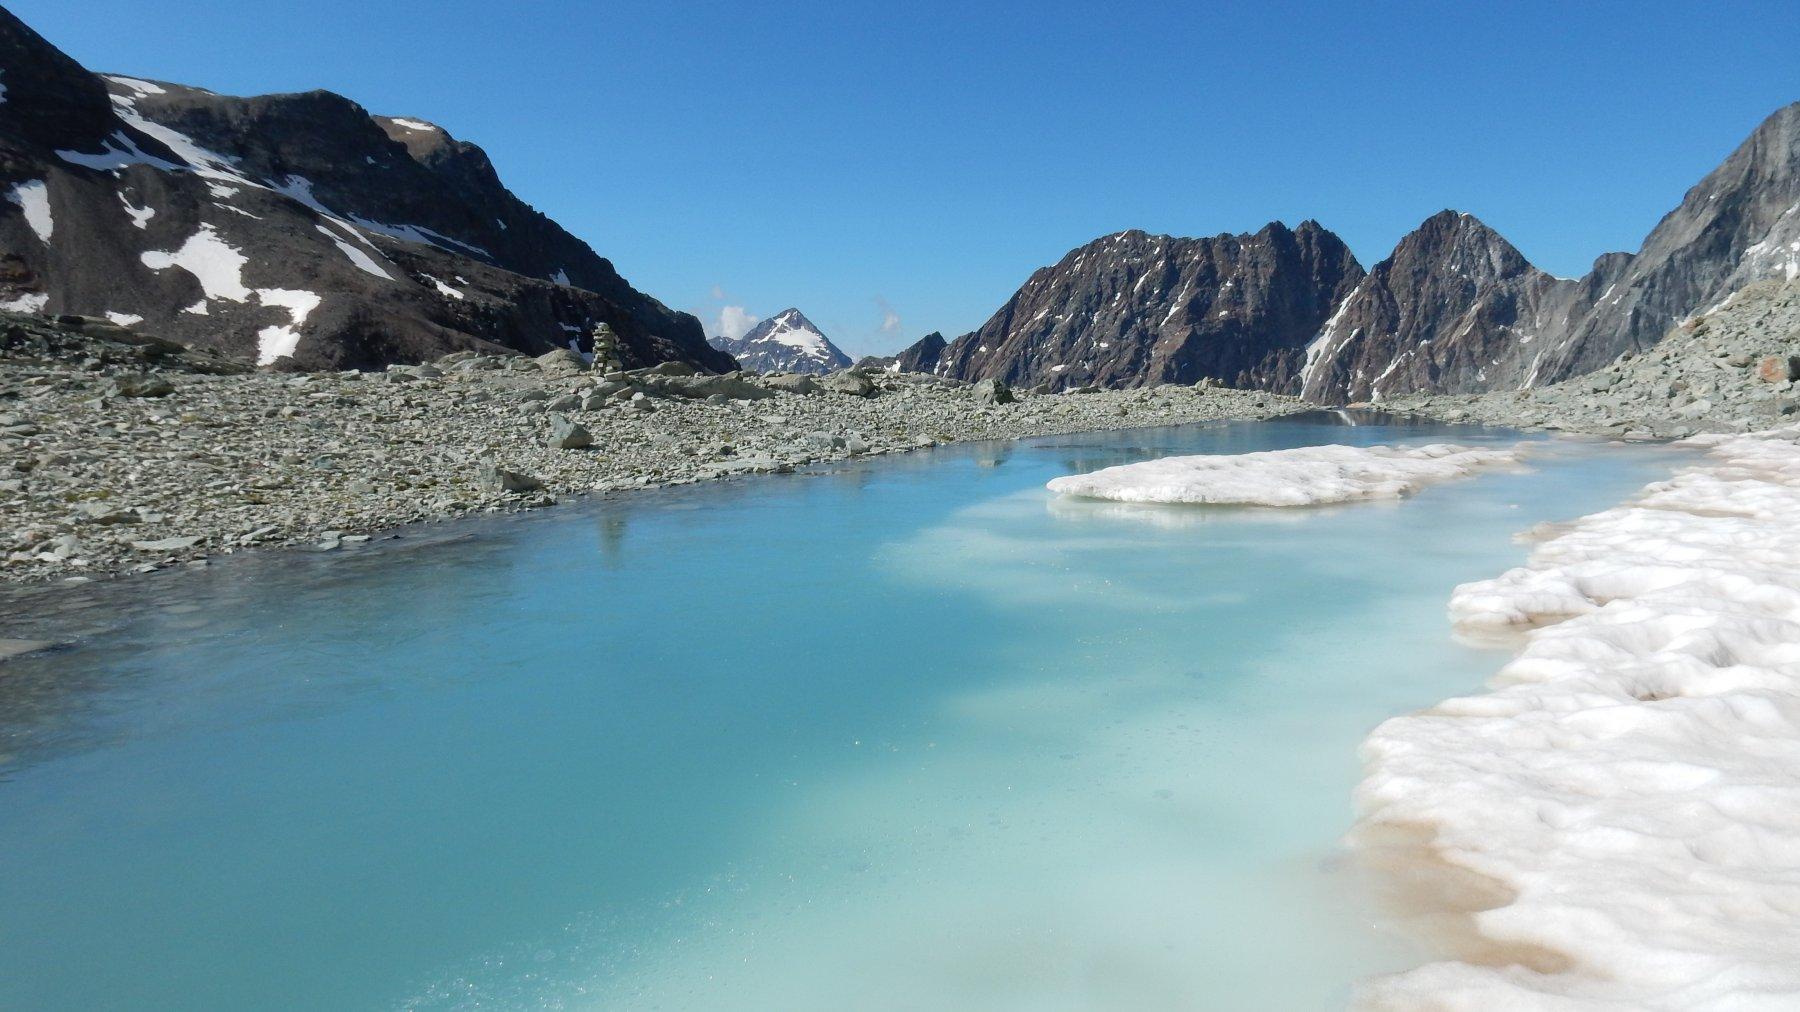 Lago glaciale del Col Collon.